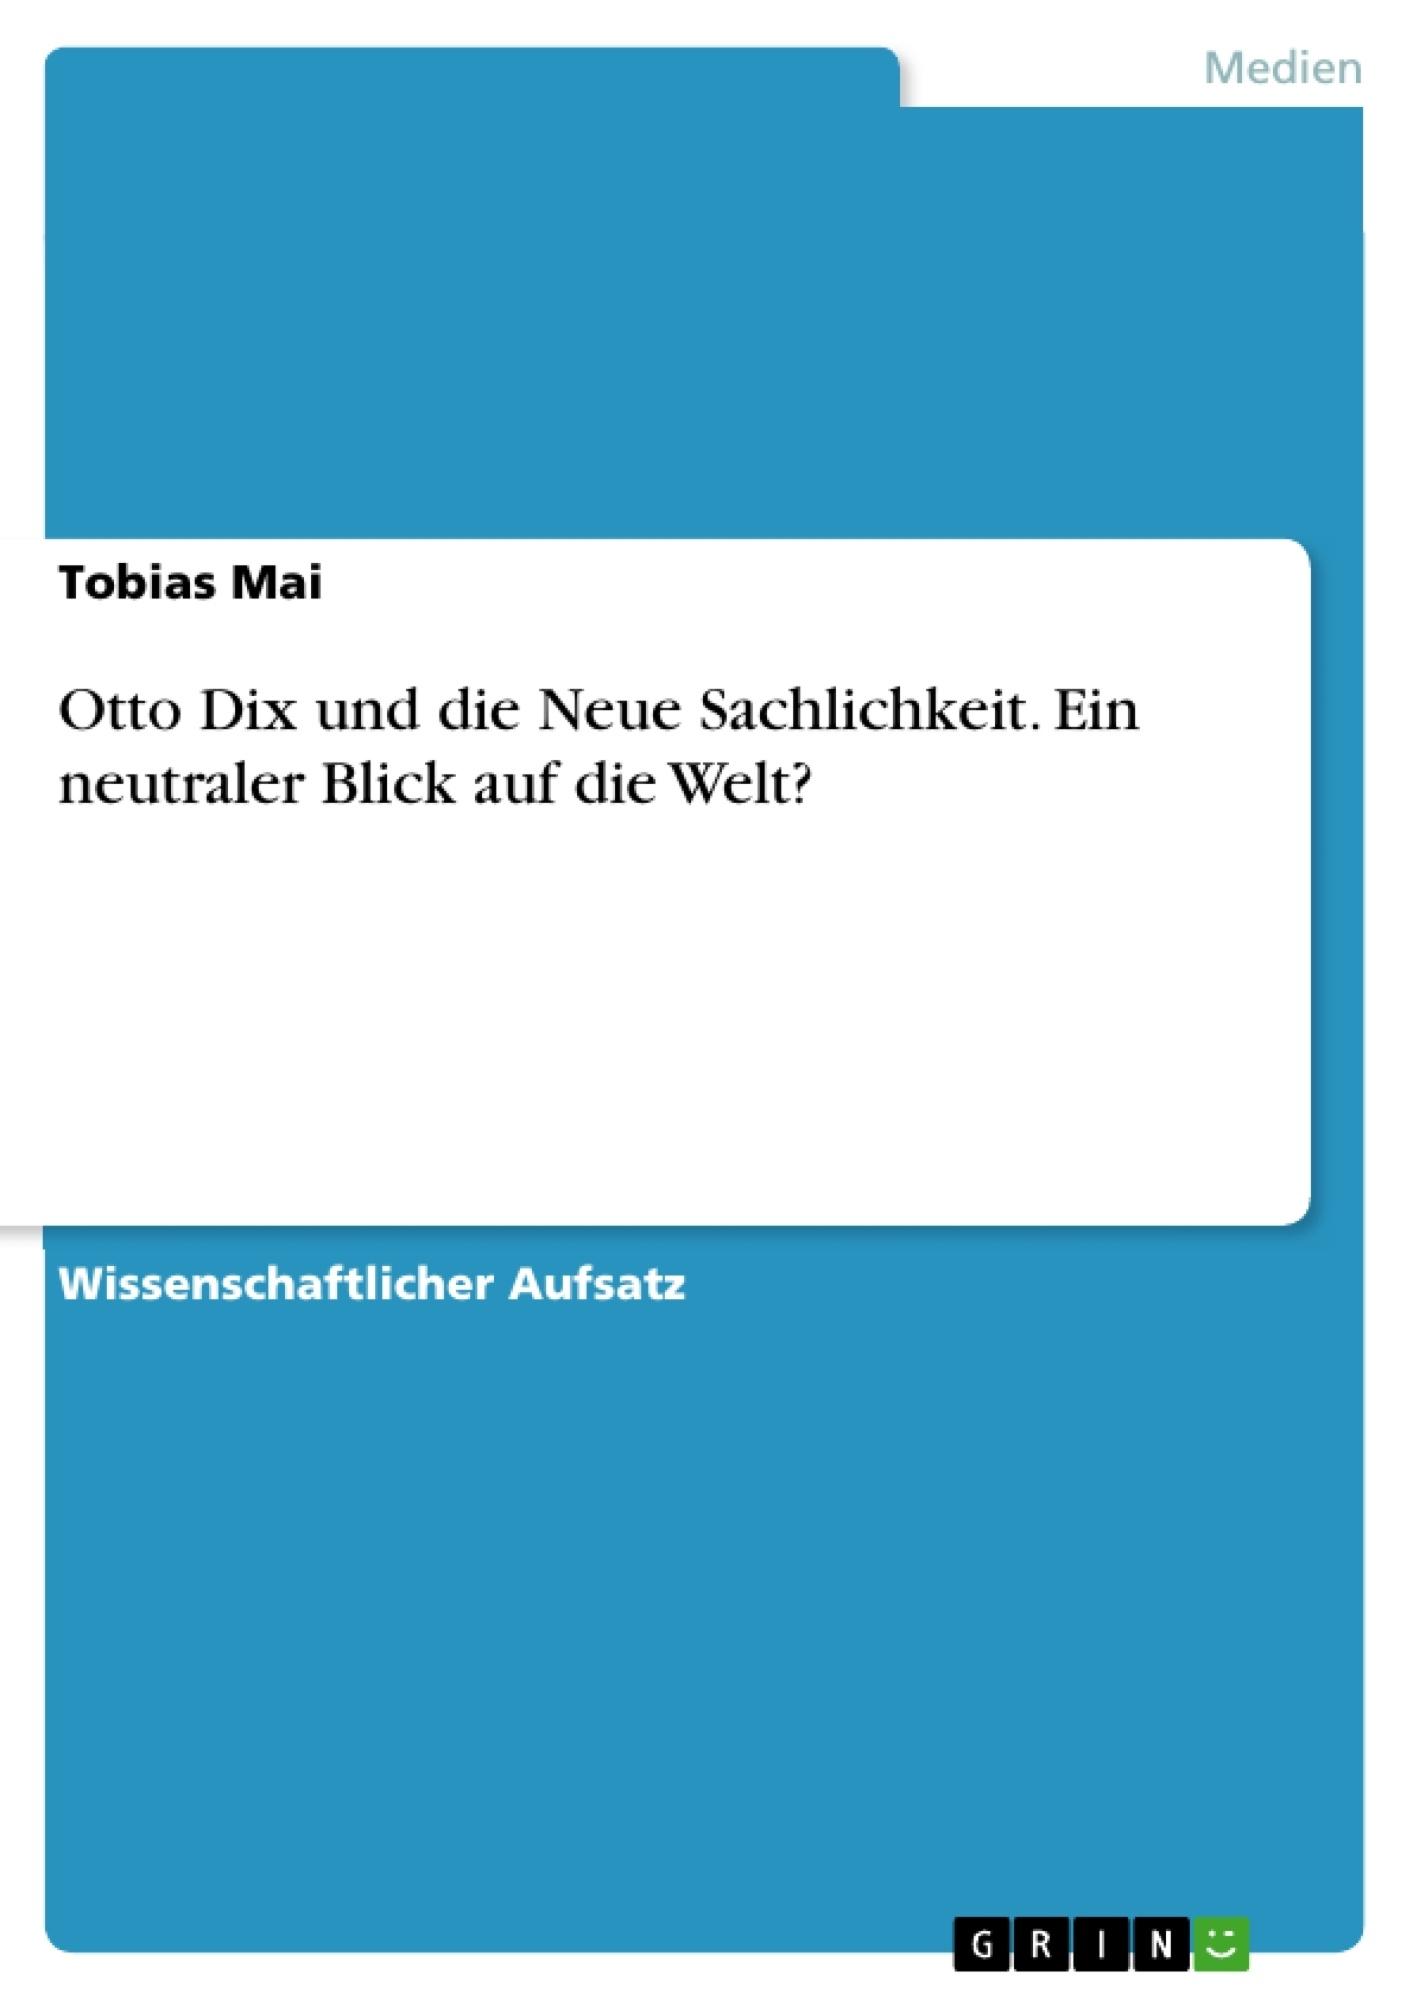 Titel: Otto Dix und die Neue Sachlichkeit. Ein neutraler Blick auf die Welt?